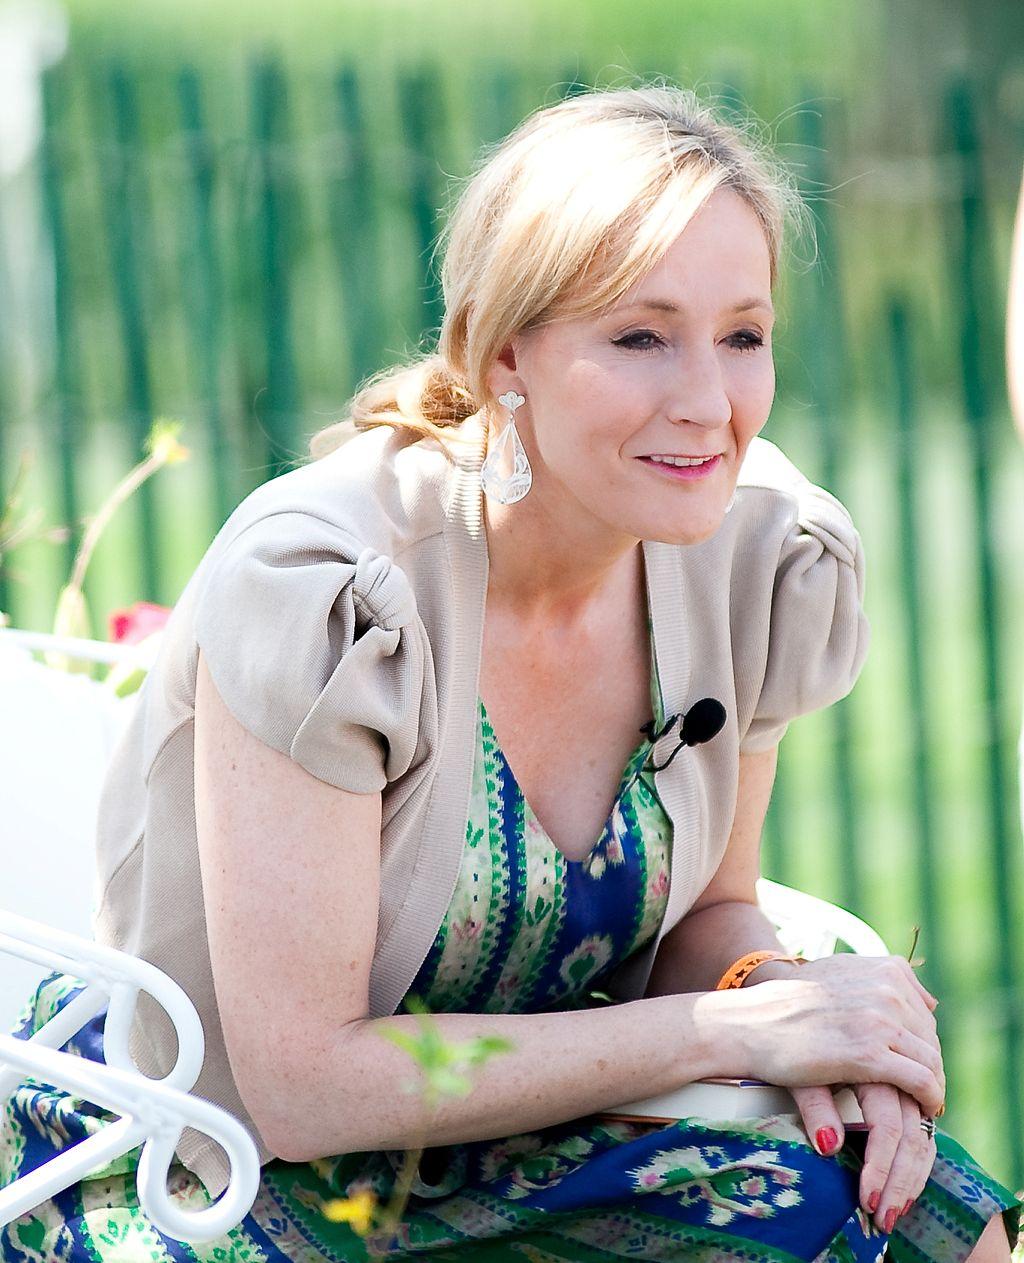 JK Rowling приписывает простому дыхательному упражнению помощь при инфекции COVID-19. Врачи и медсестры говорят, что это полезно thumbnail